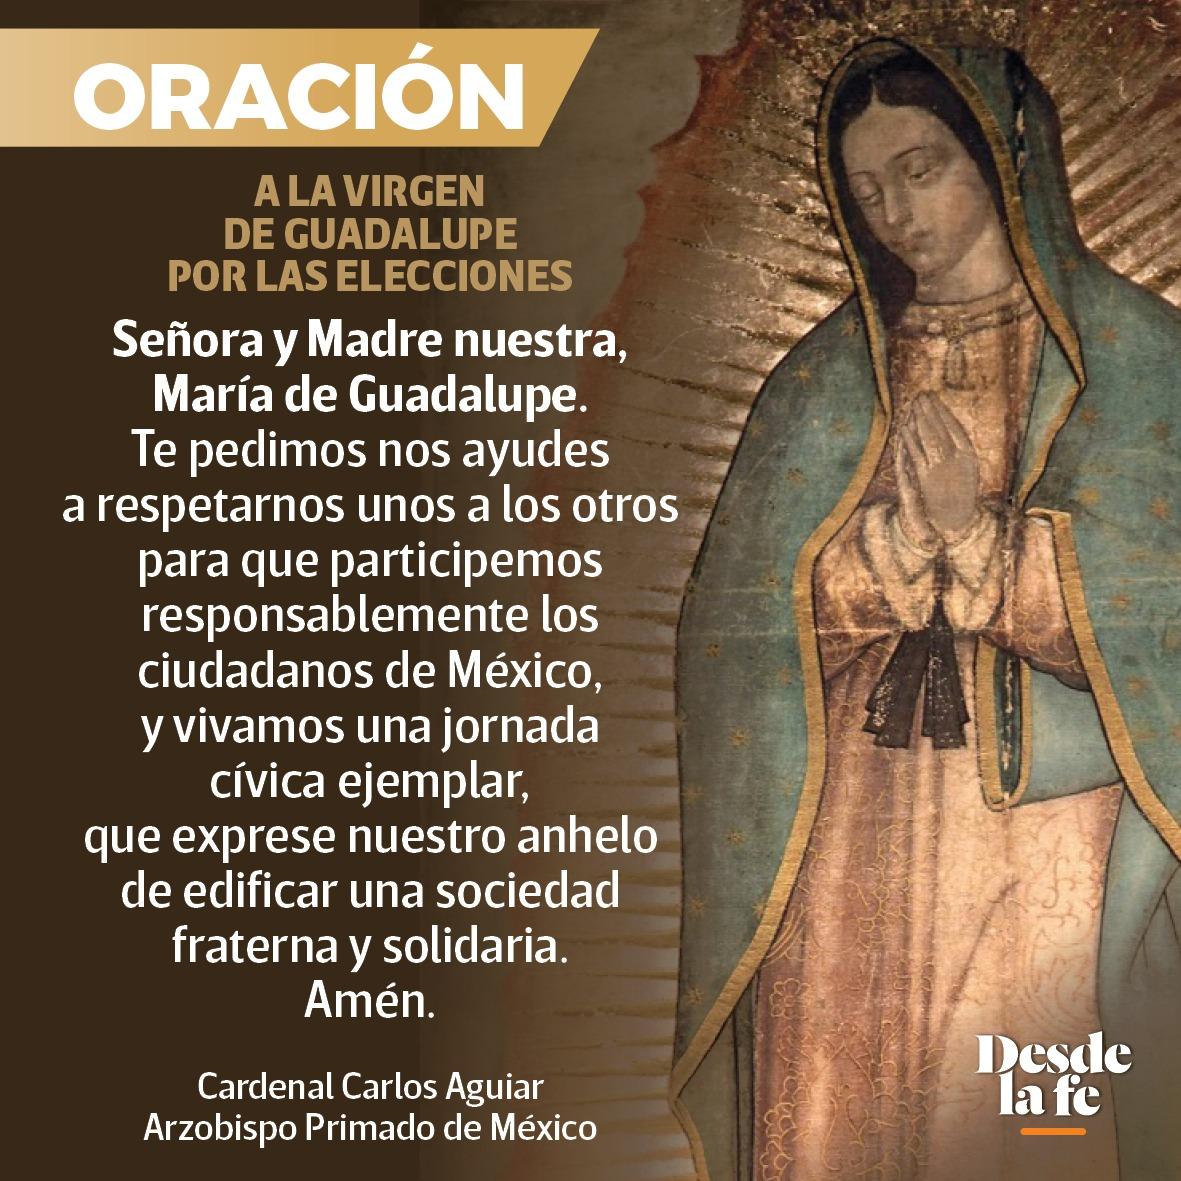 Oración a la Virgen de Guadalupe por las elecciones 2021.